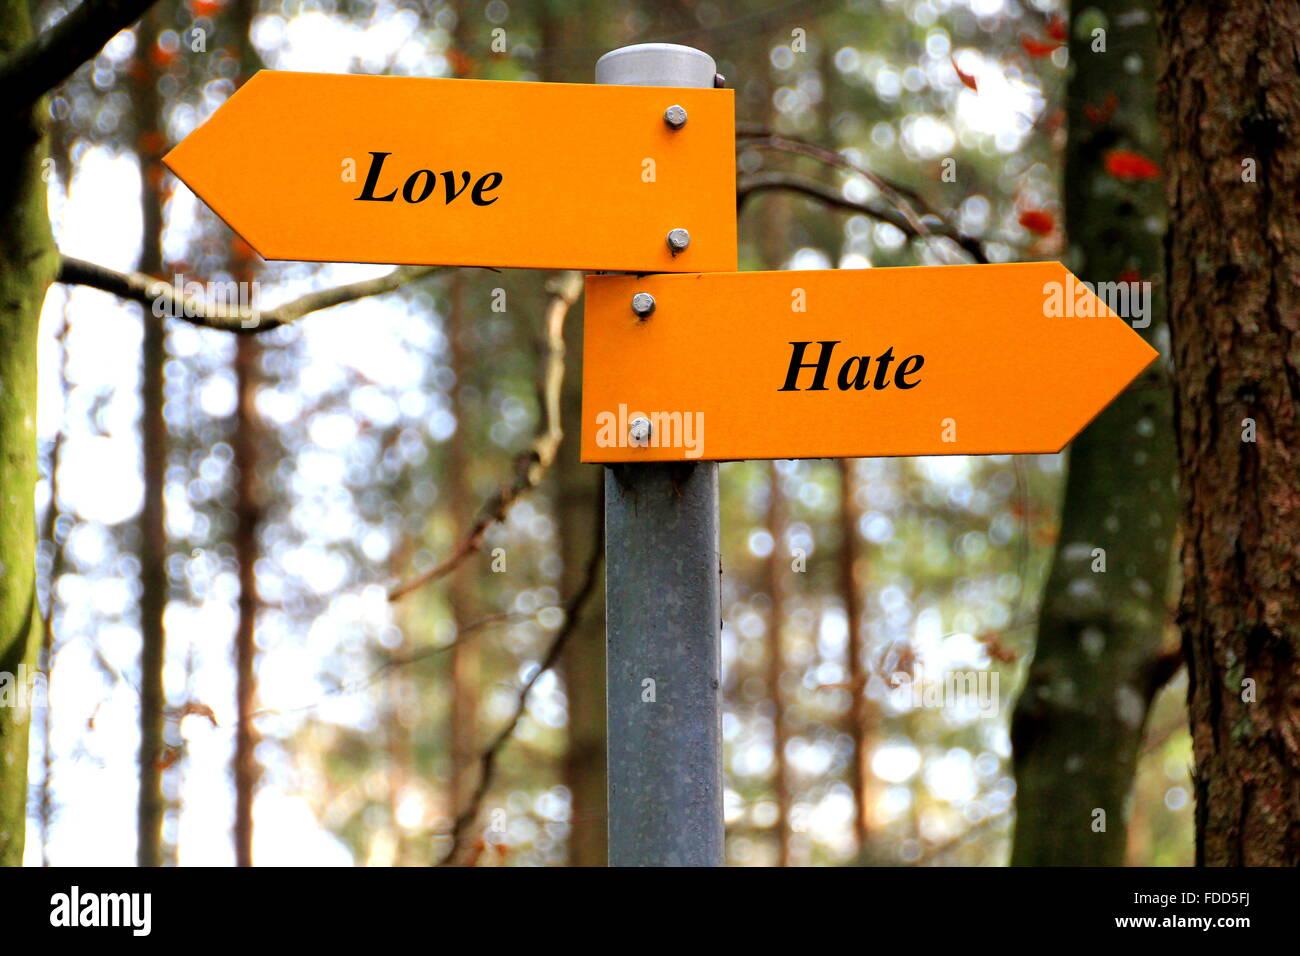 Amor y Odio escrito en amarillo, señal de dirección Imagen De Stock